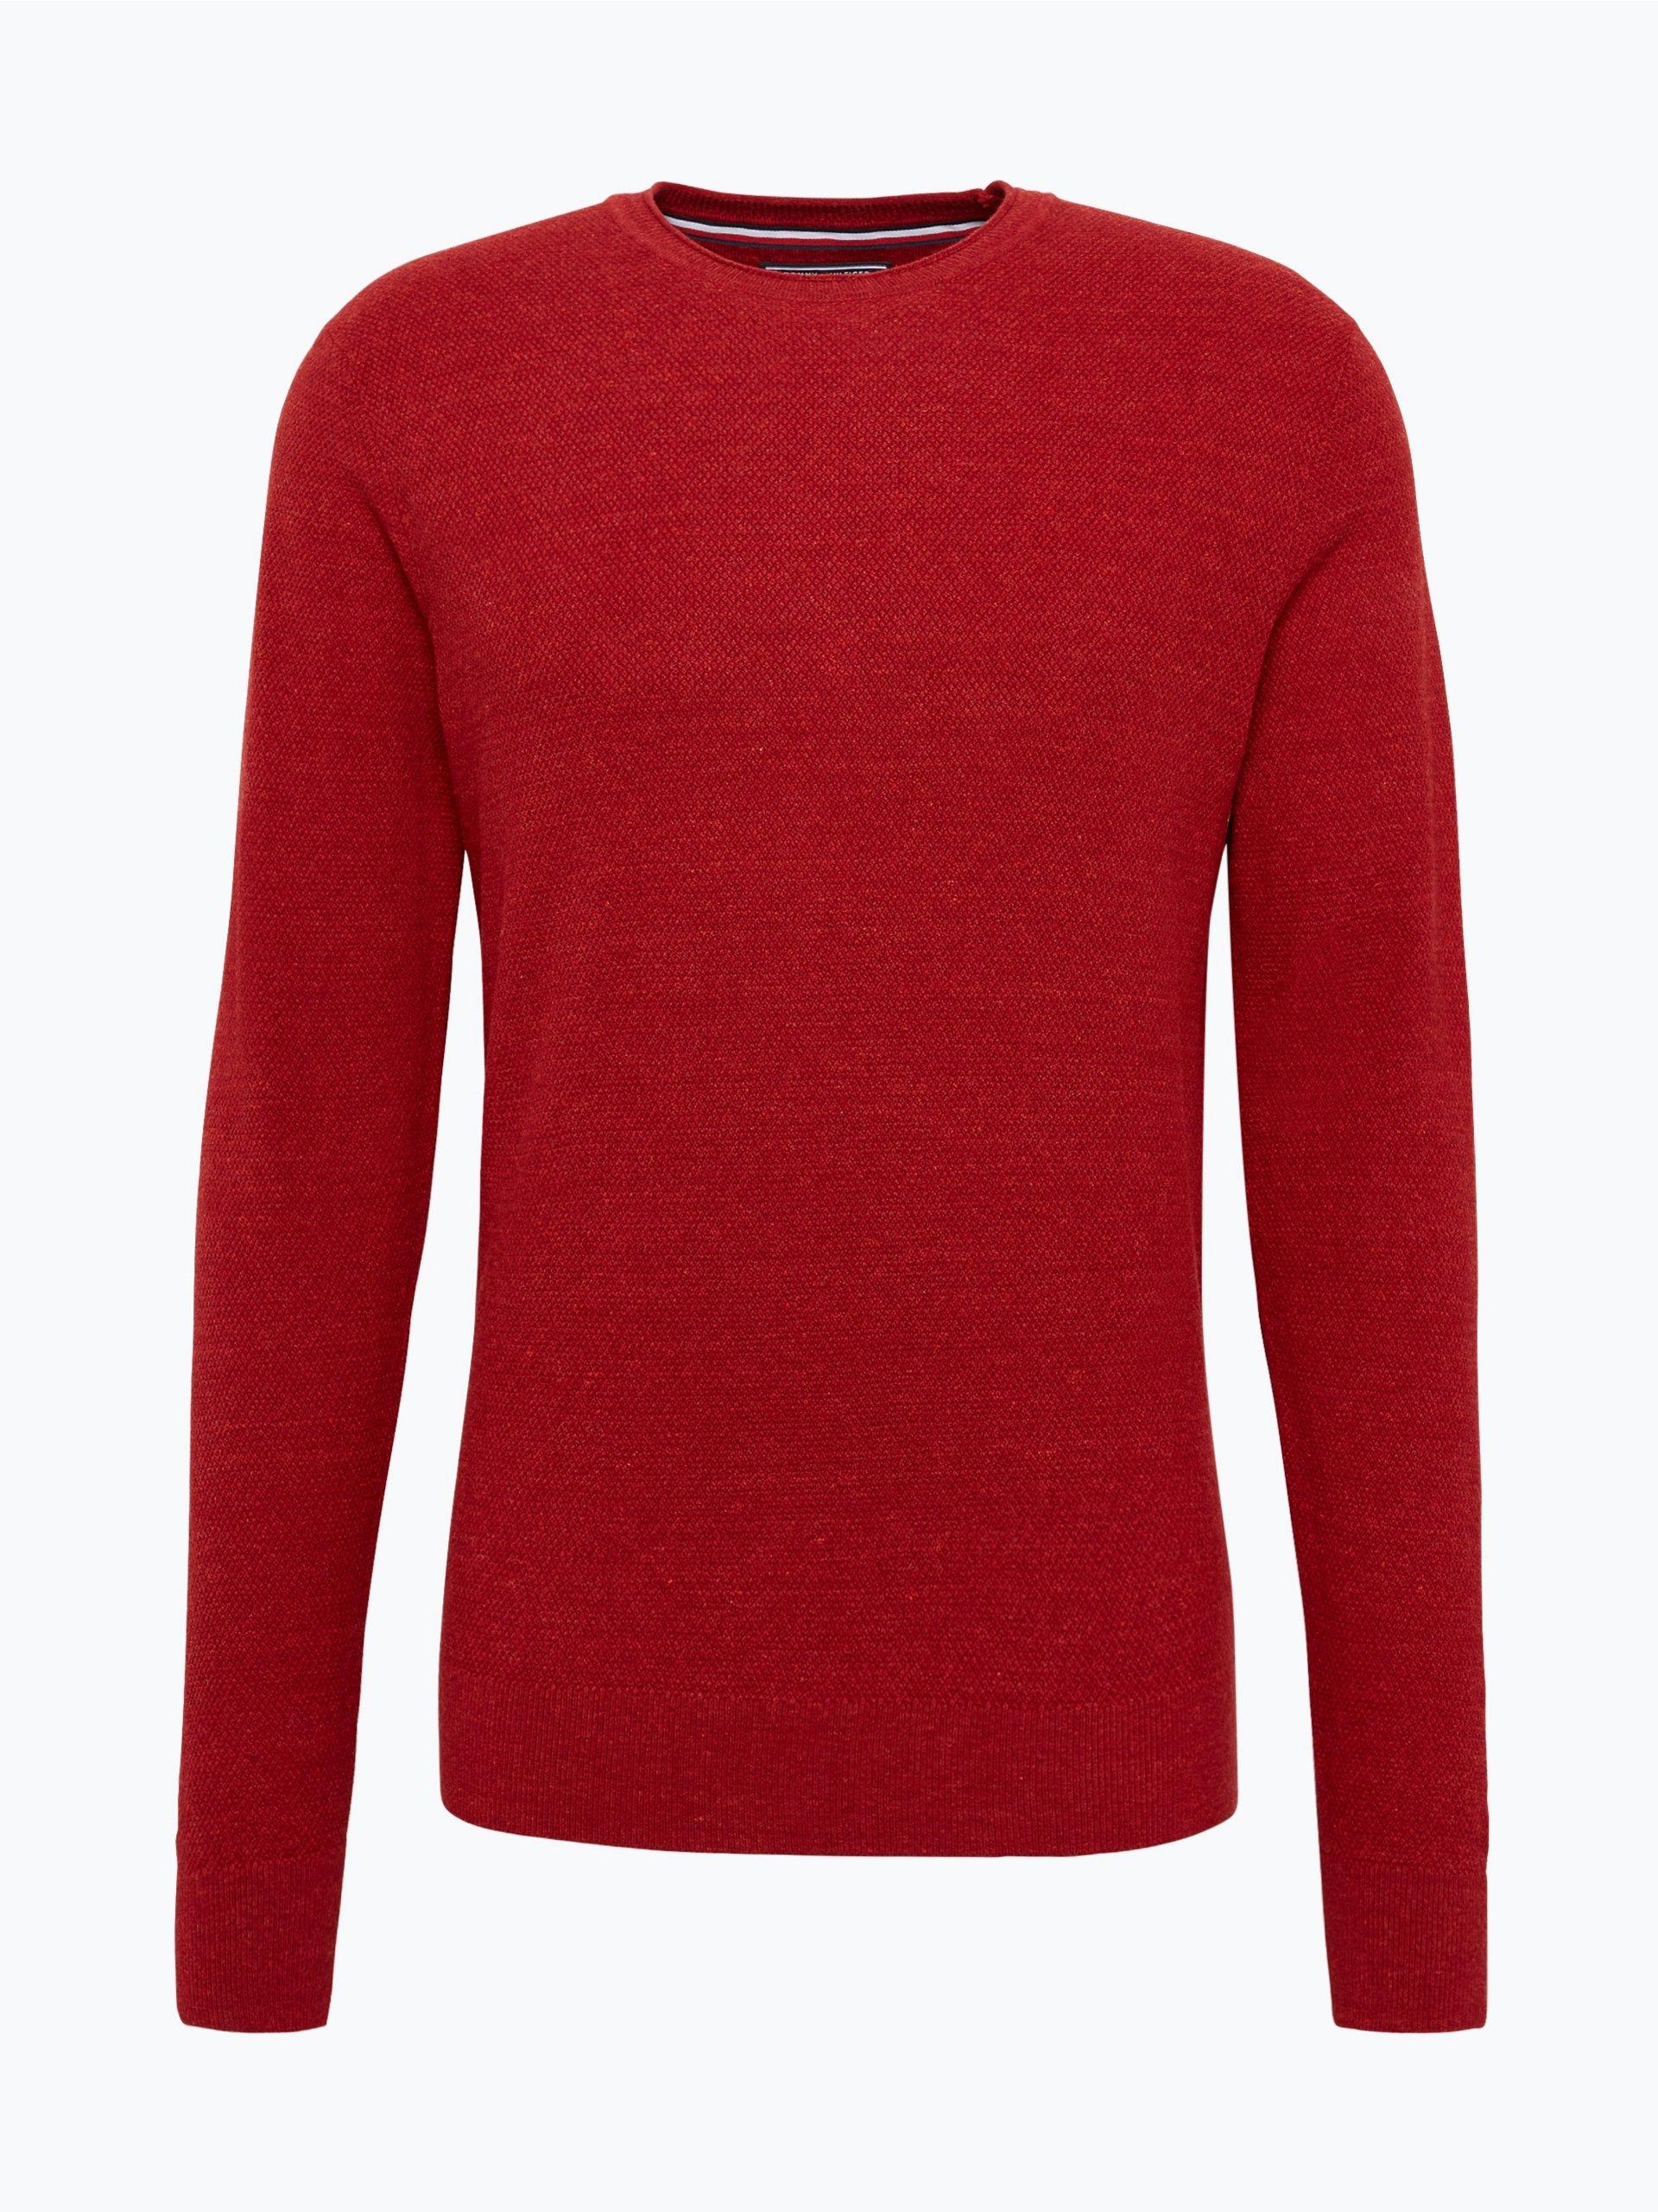 tommy hilfiger herren pullover rot uni online kaufen. Black Bedroom Furniture Sets. Home Design Ideas